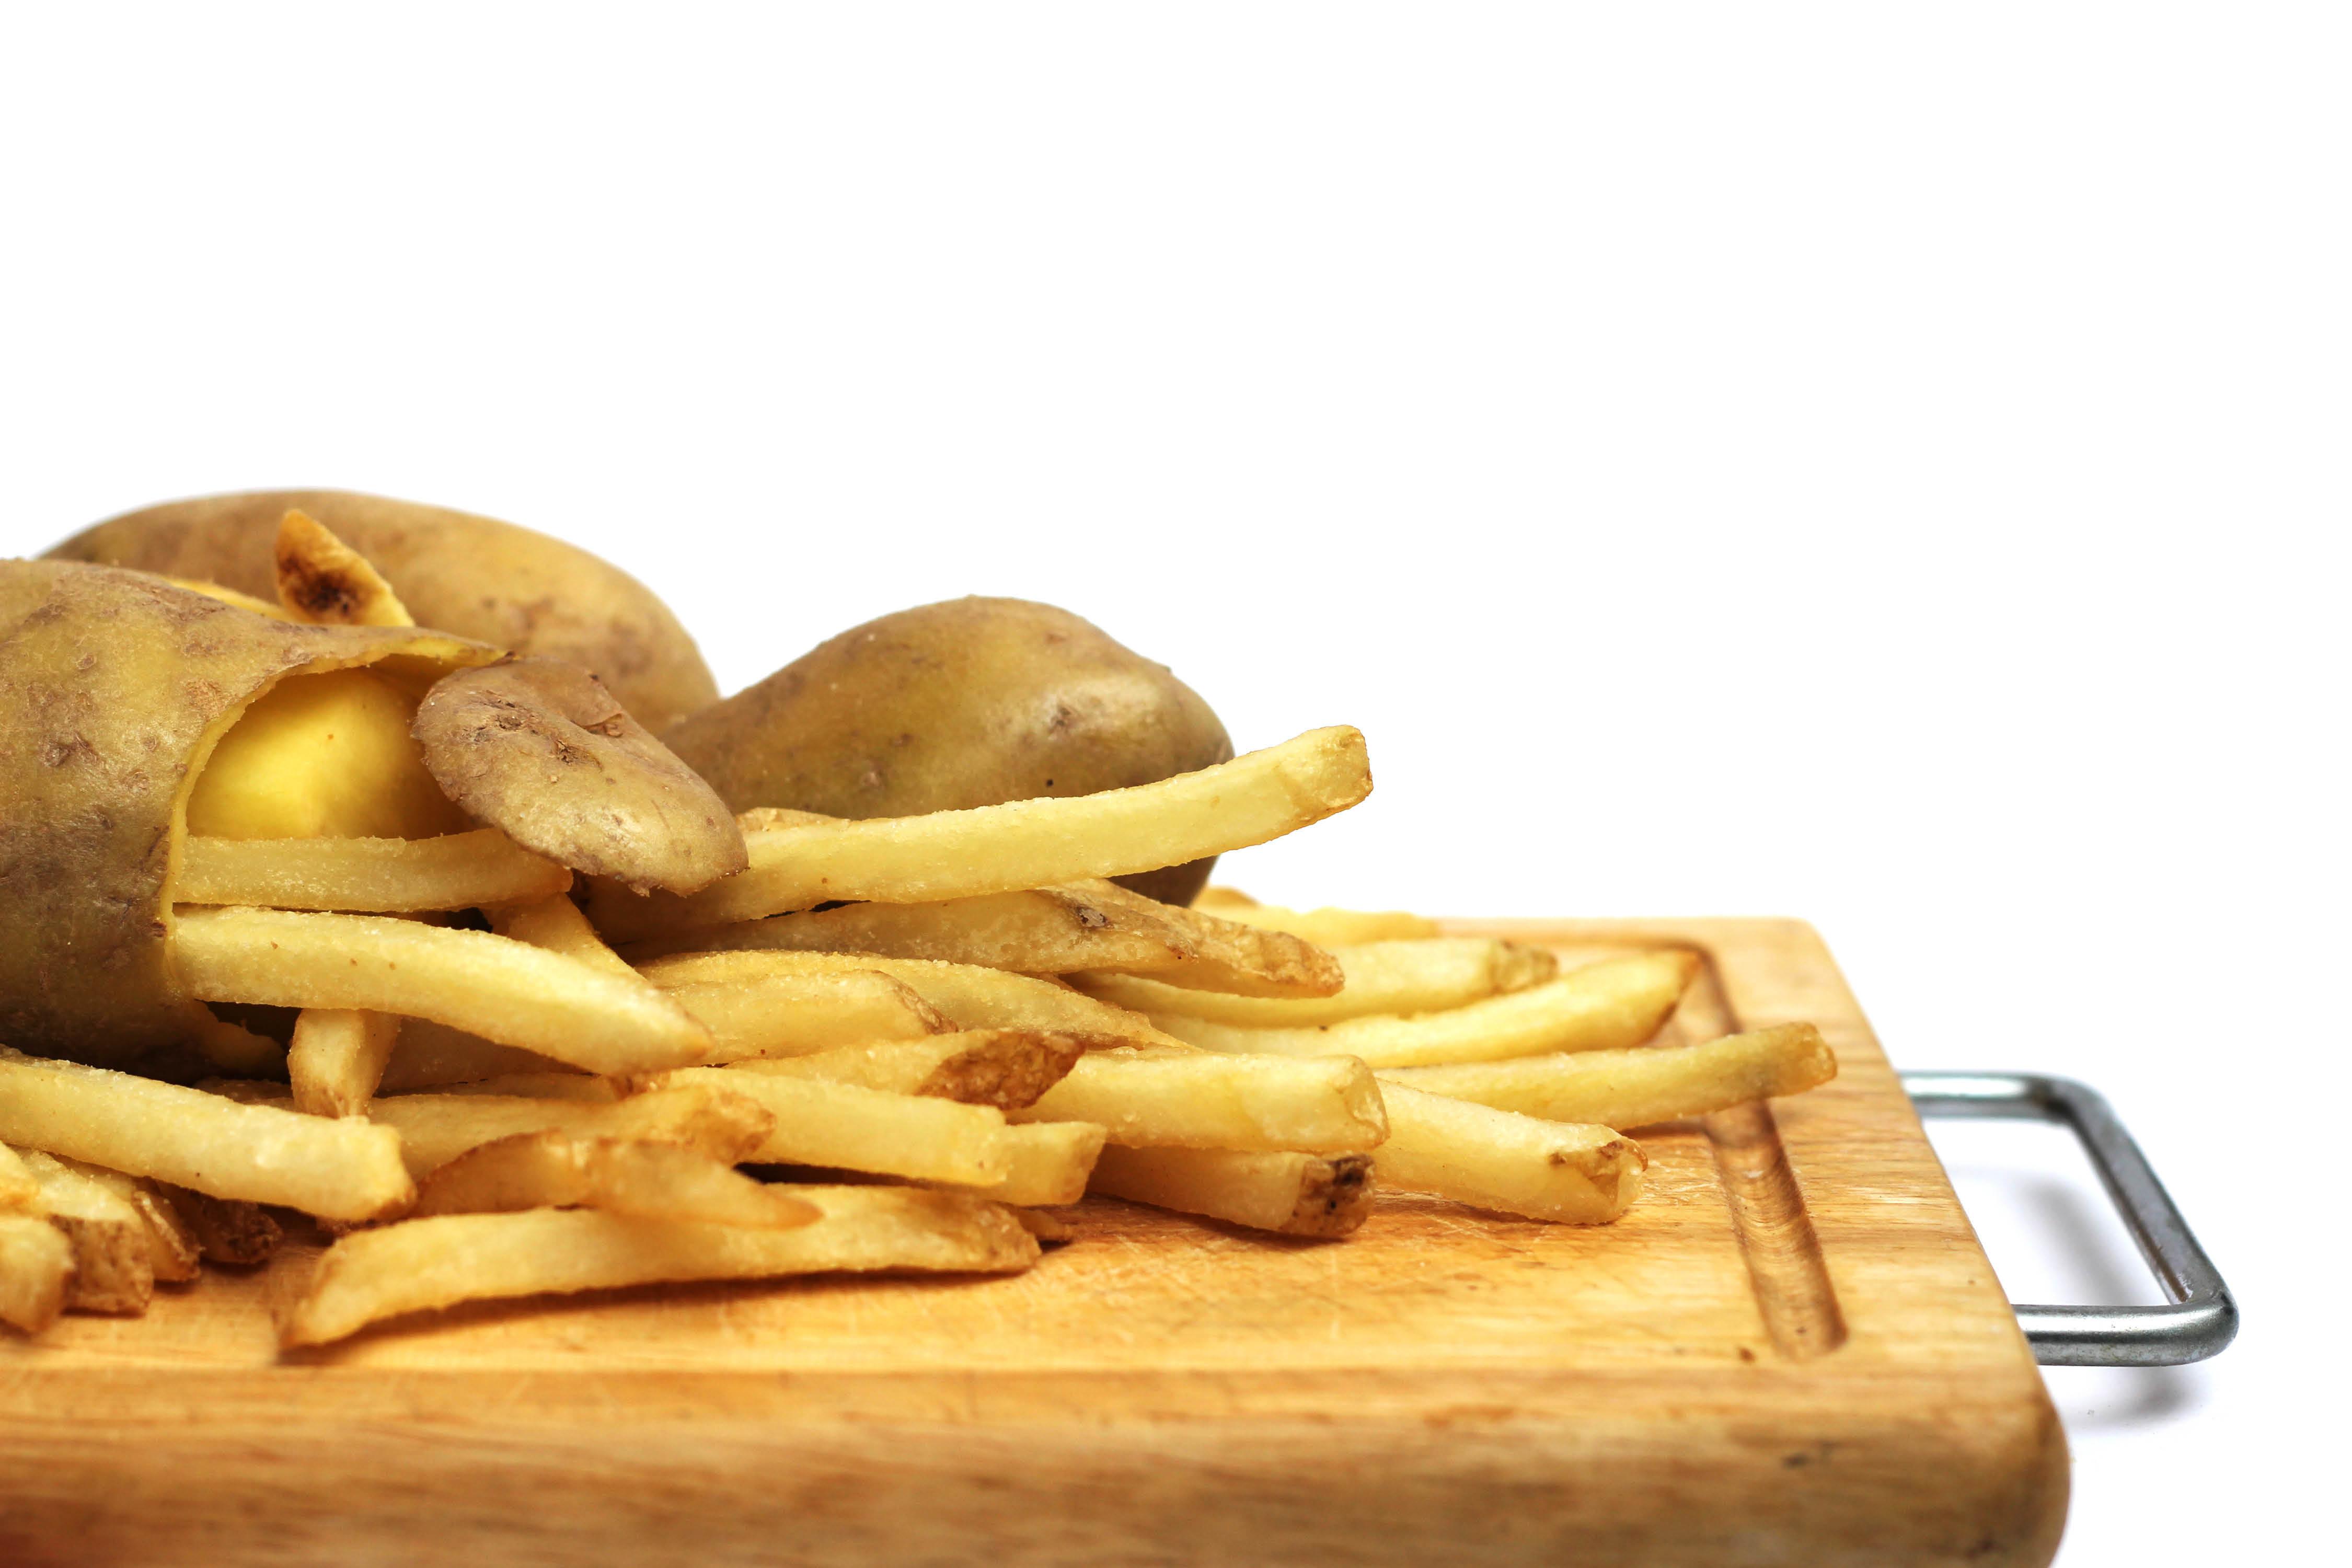 fresh cut fries fresh cut French fries